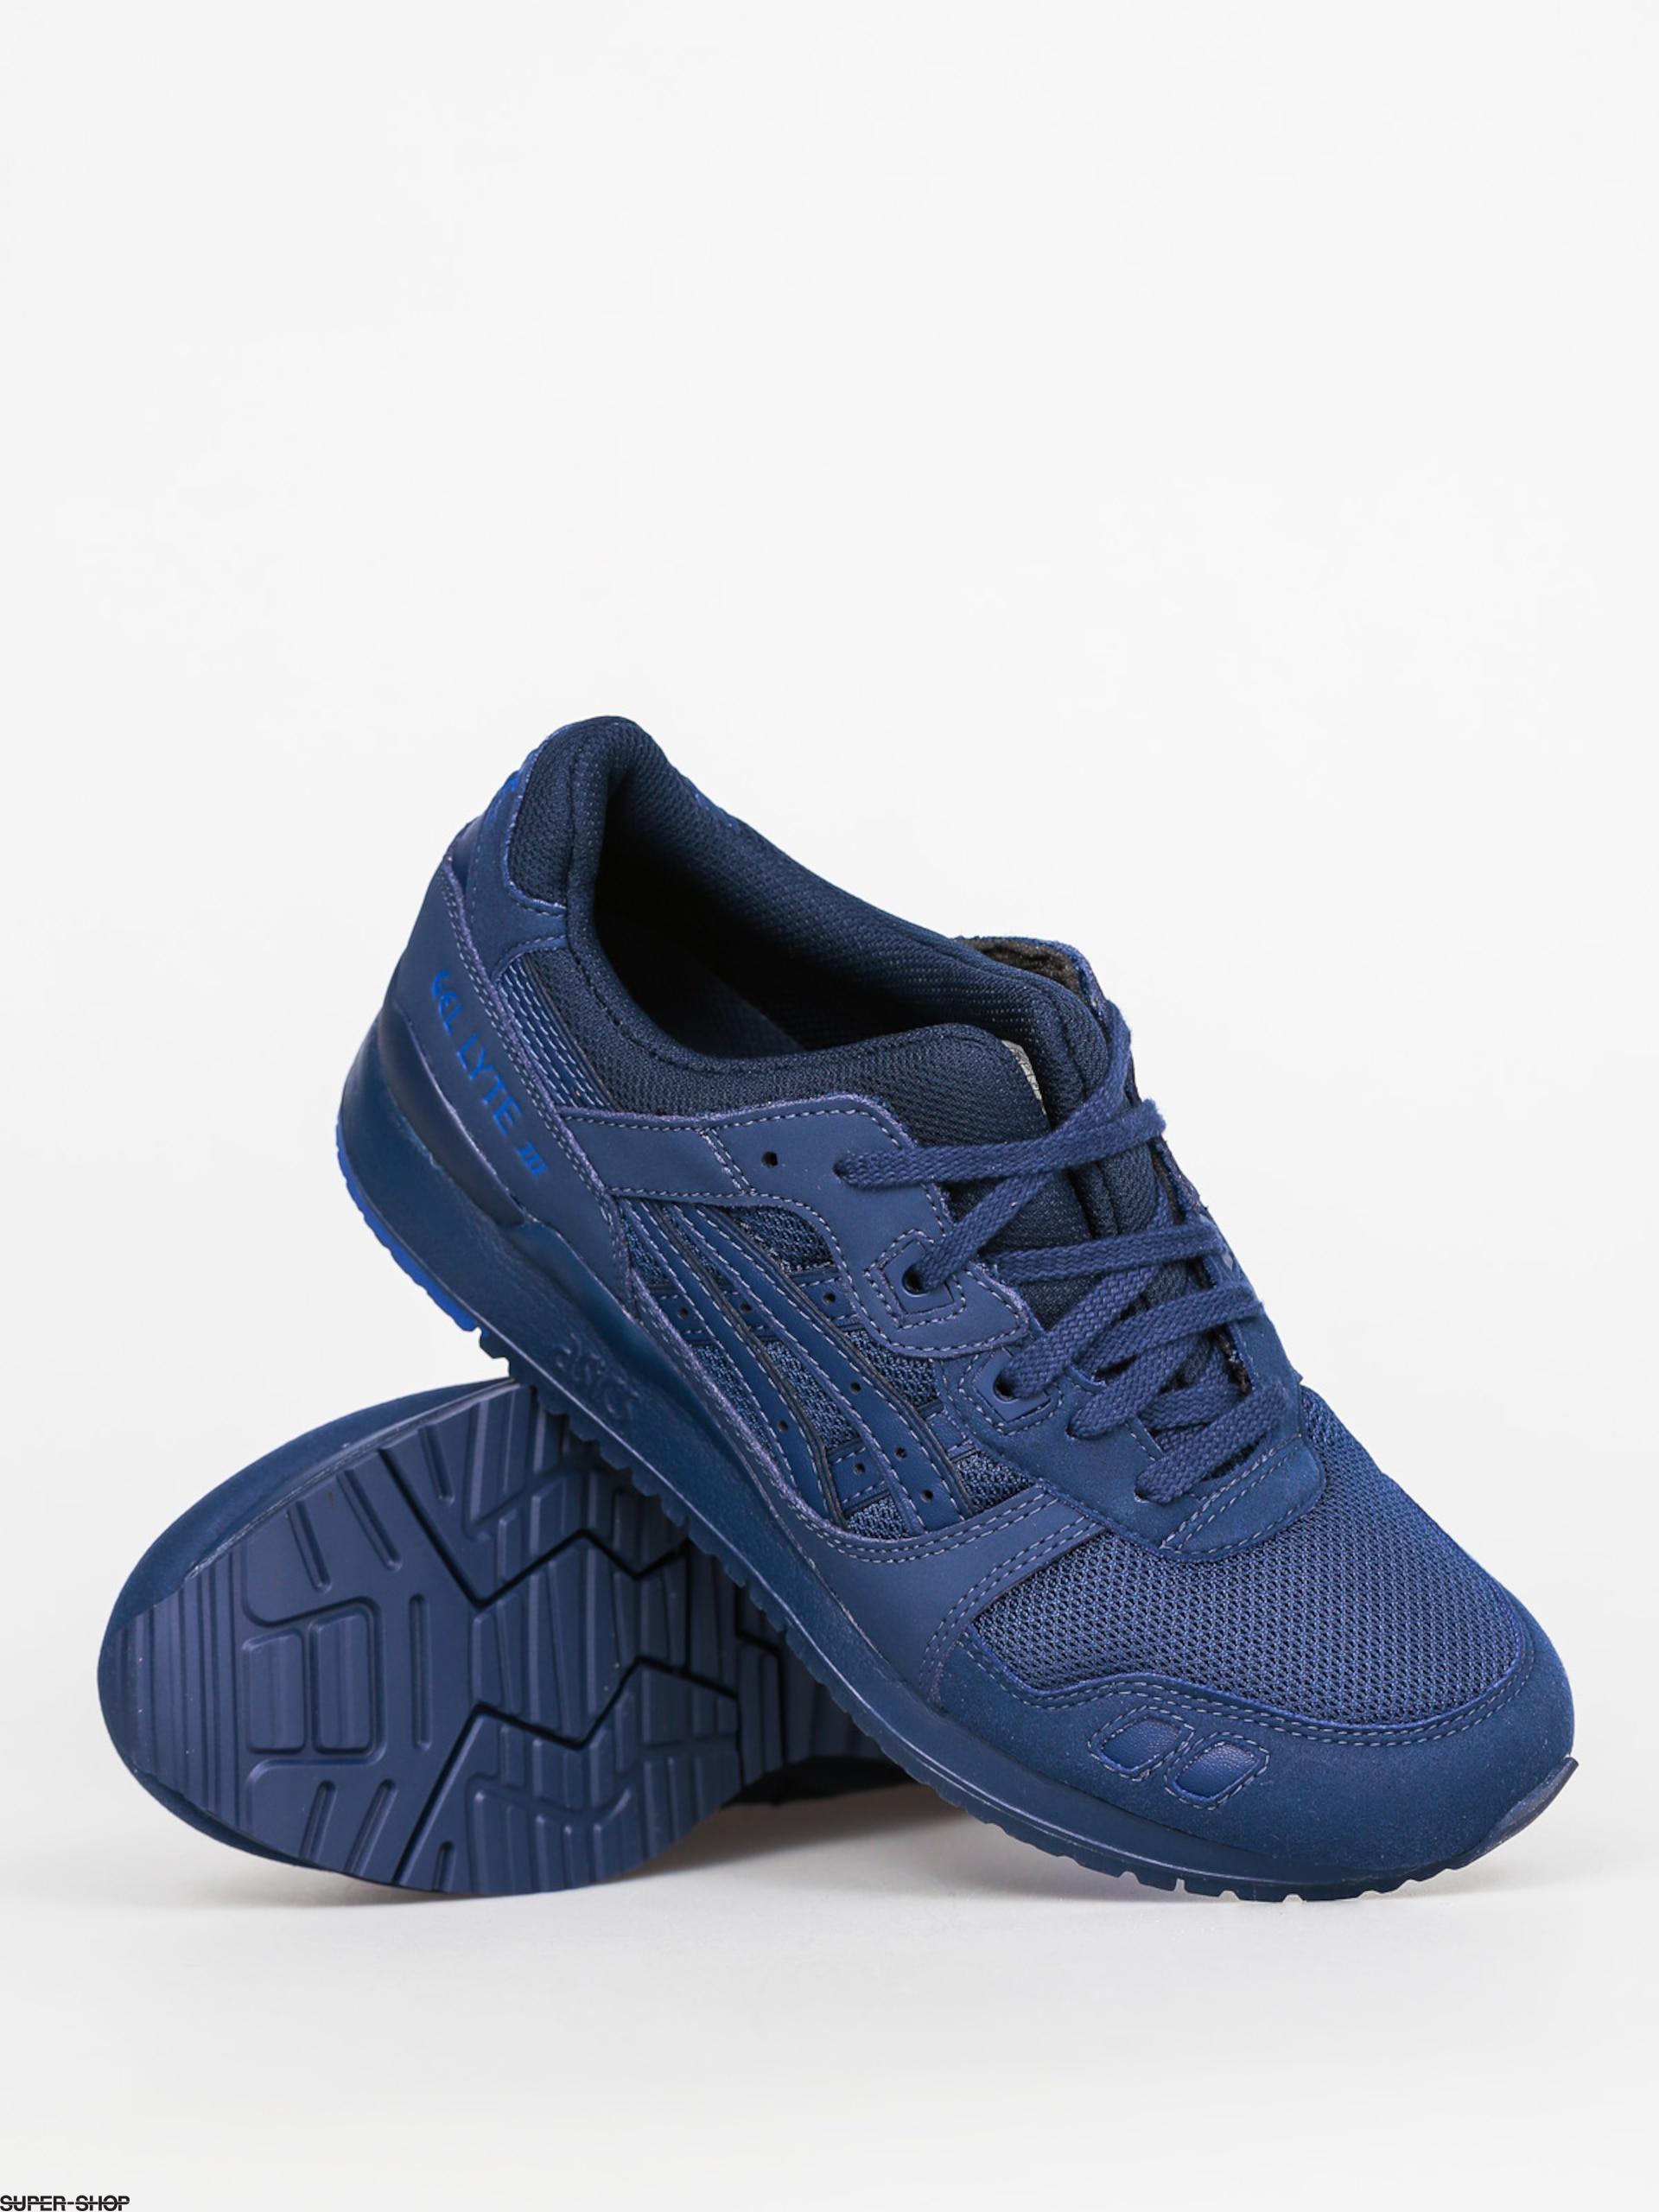 the best attitude 2a9a7 9b50e Asics Shoes Gel Lyte III (indigo blue/indigo blue)